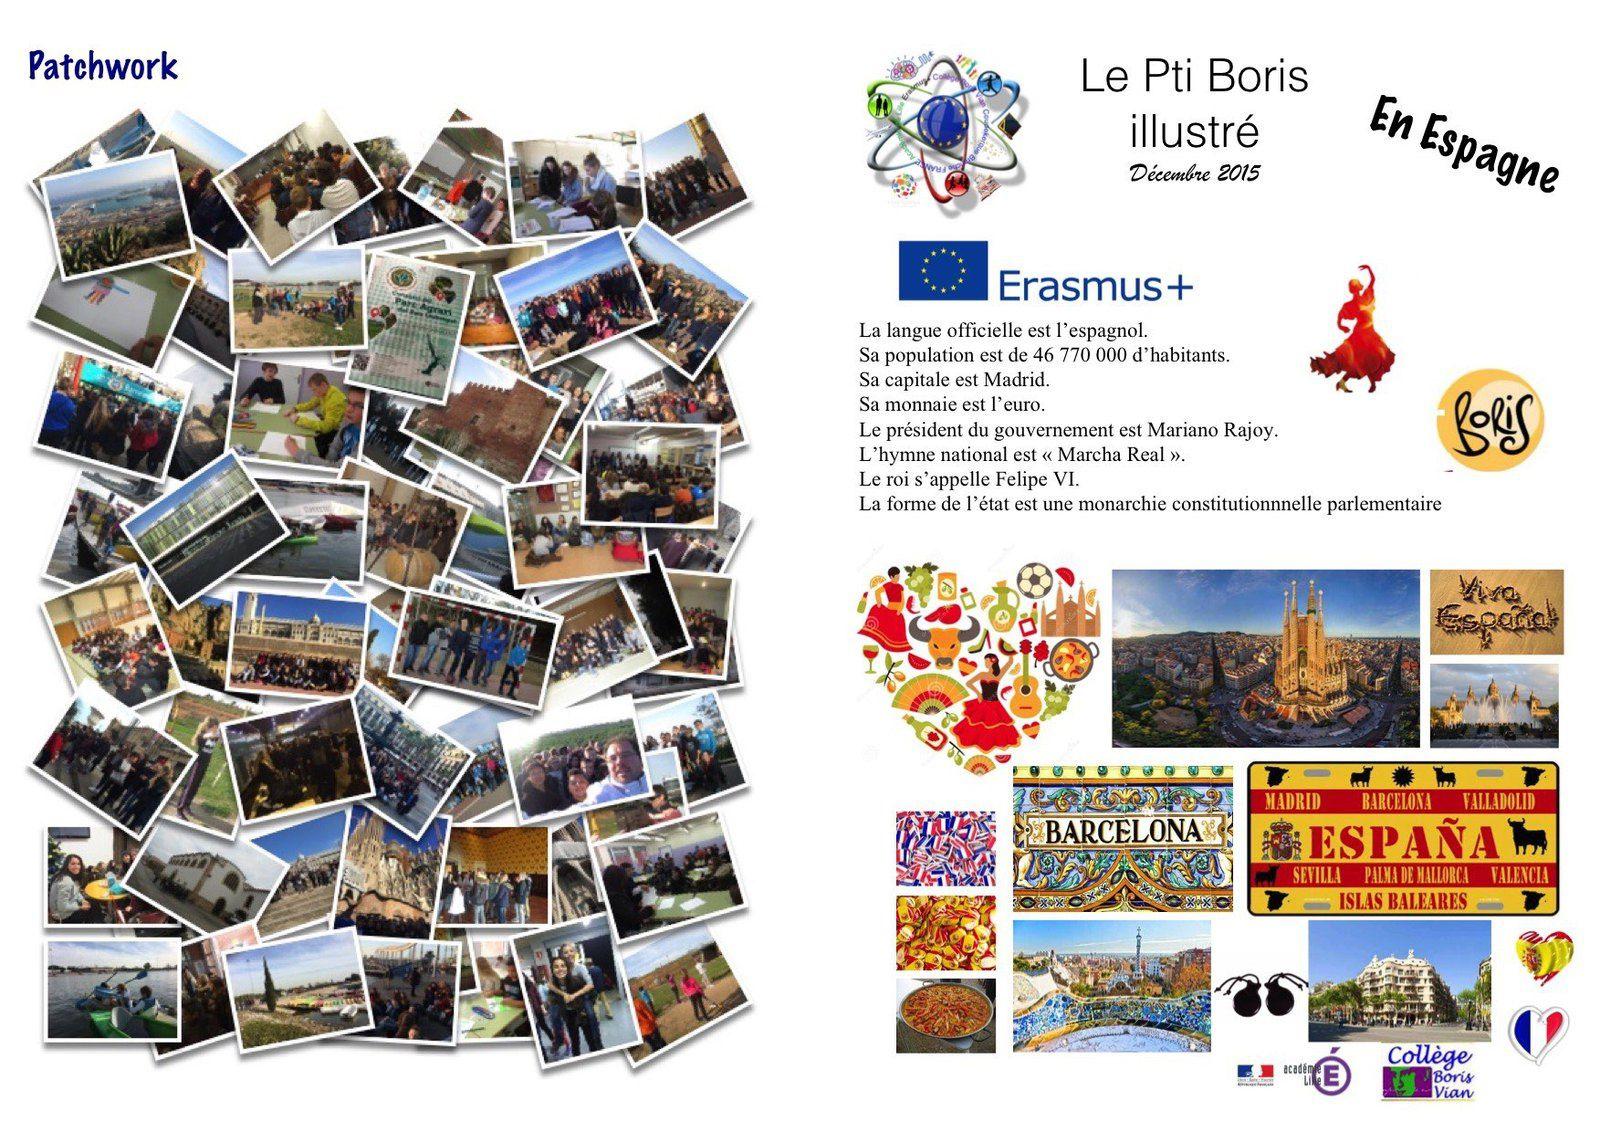 Vamos à Barcelona avec Erasmus+